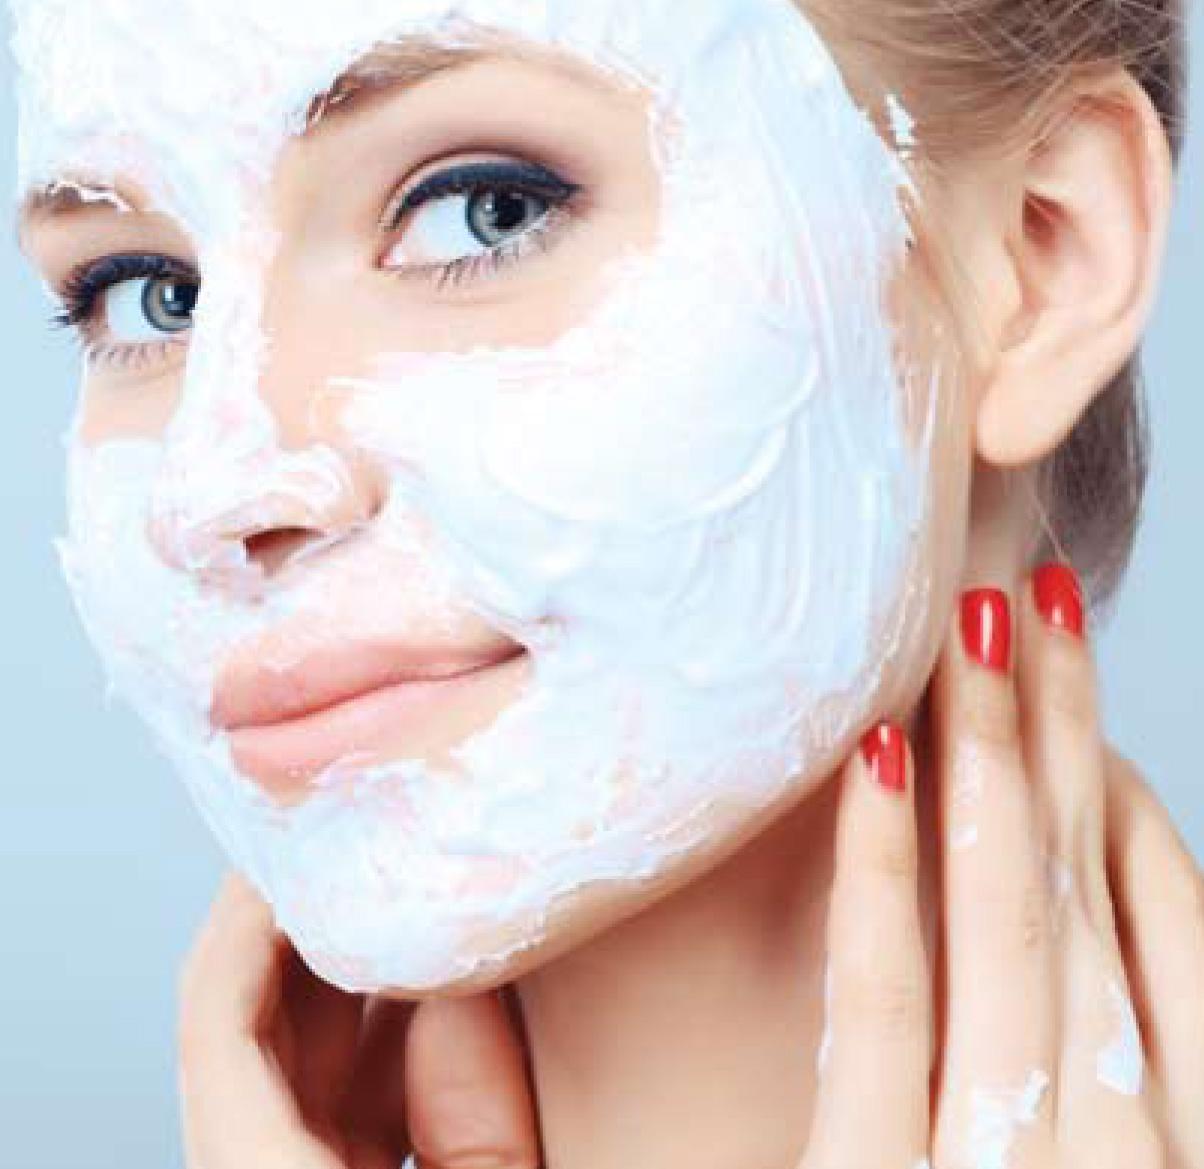 Увлажняющие маски для лица в домашних условиях для жирной кожи